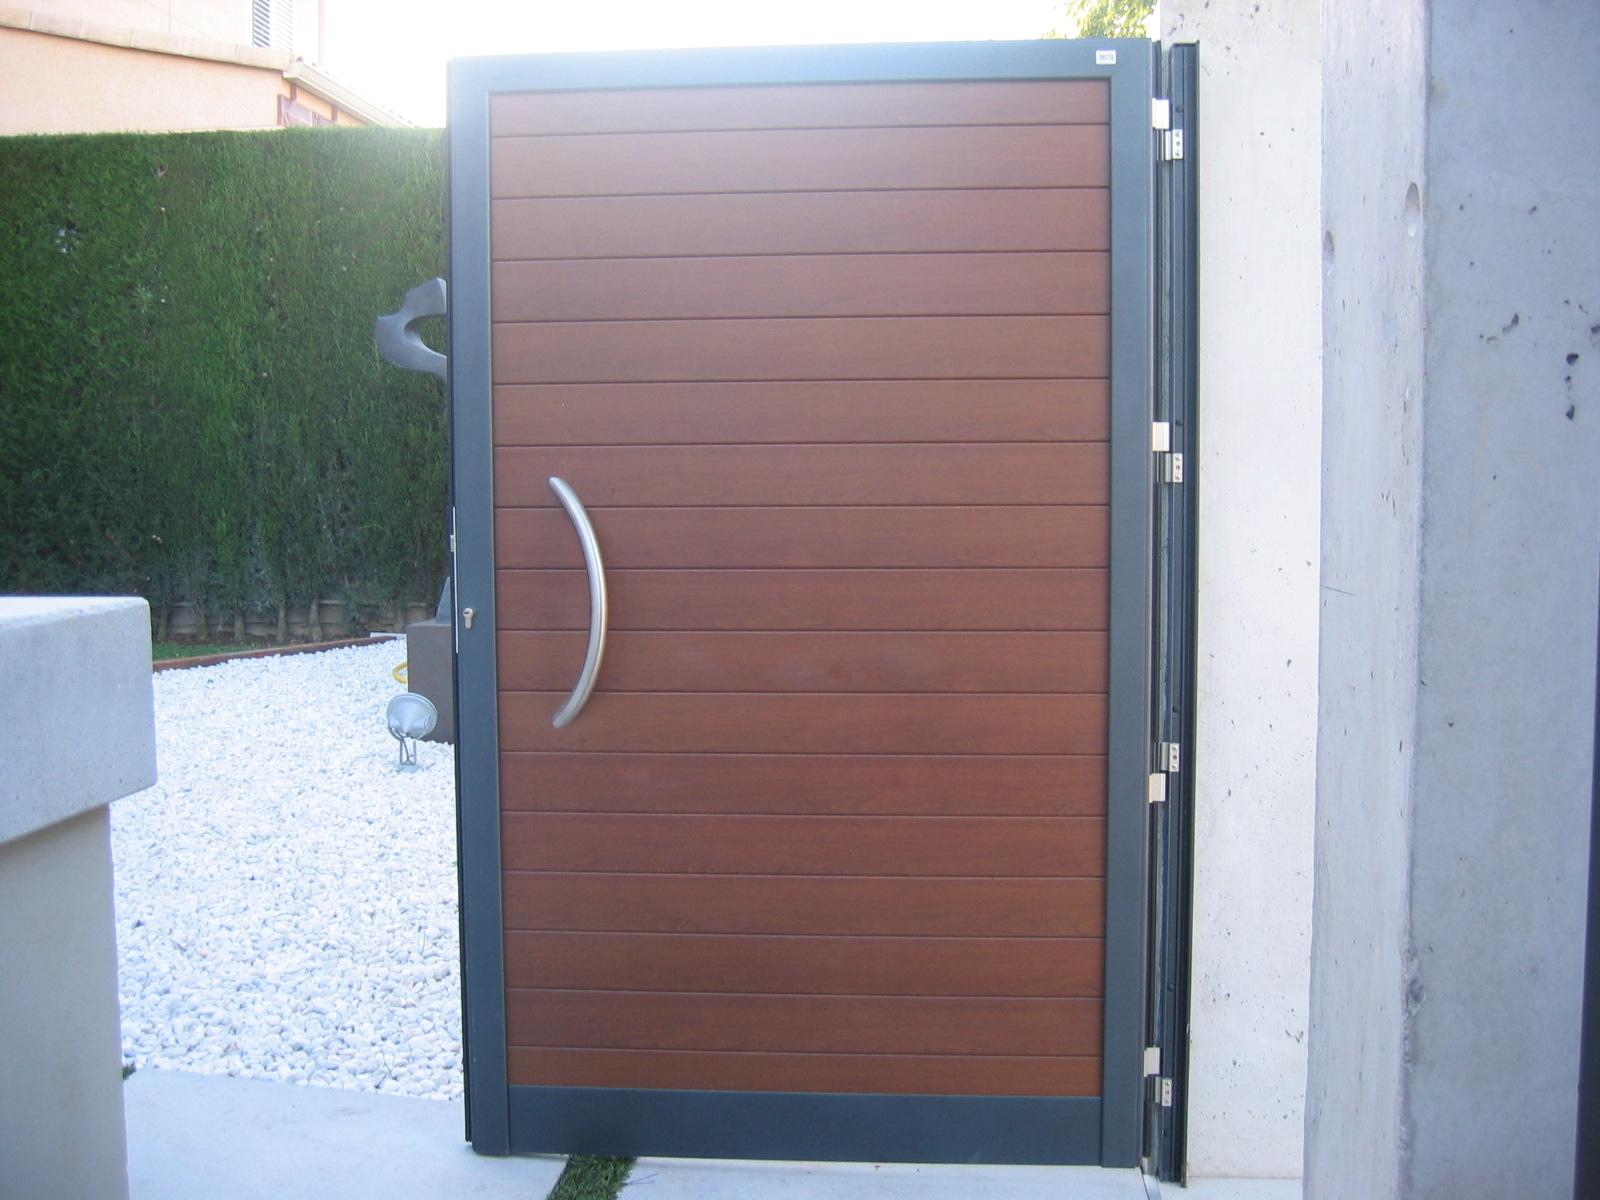 Puertas de jardin de aluminio good puertas aluminio for Puertas jardin aluminio